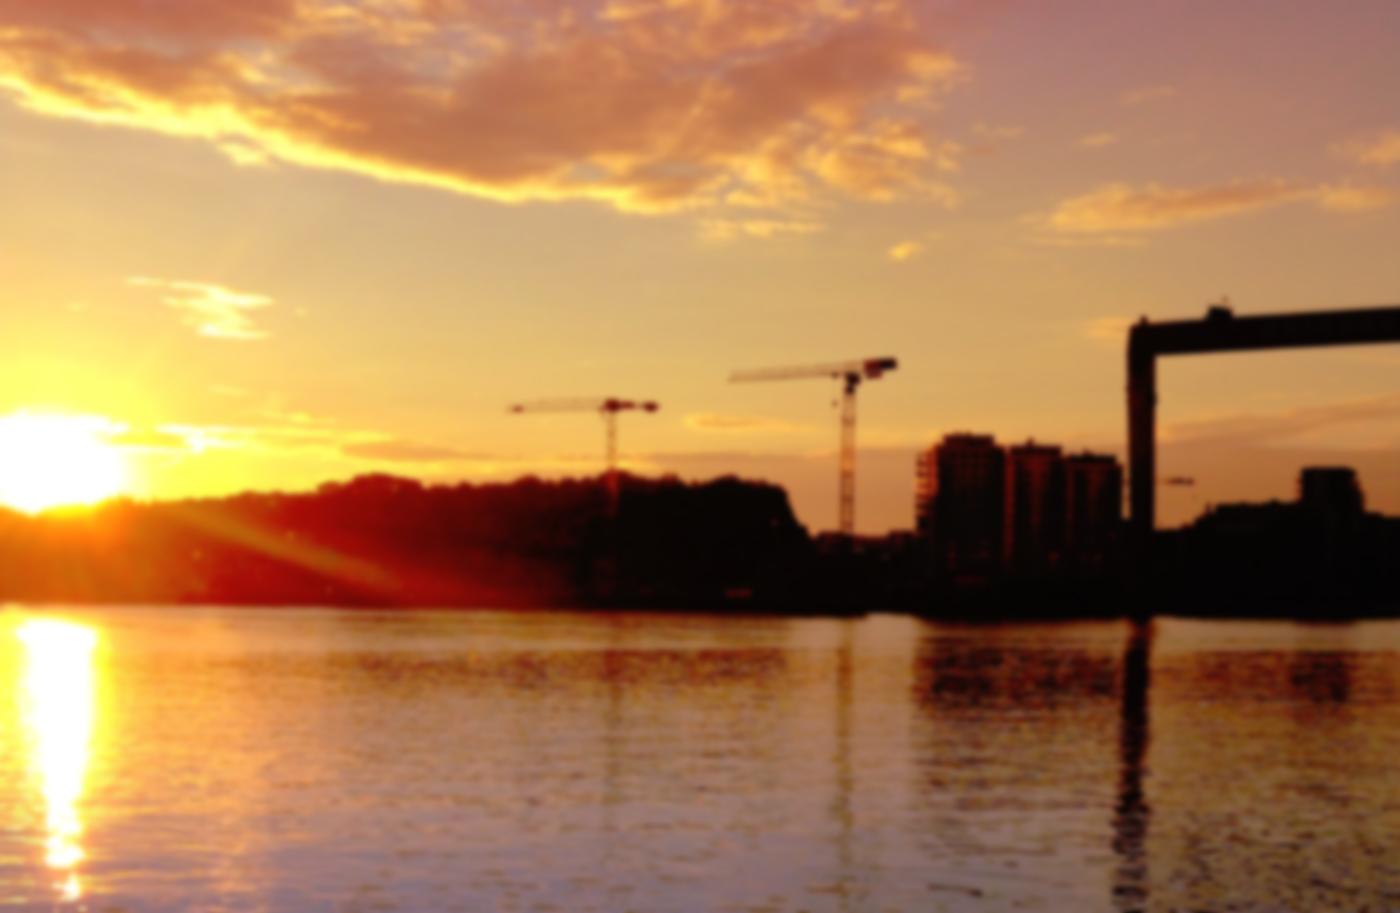 För fler välmående och växande företag i Sverige.